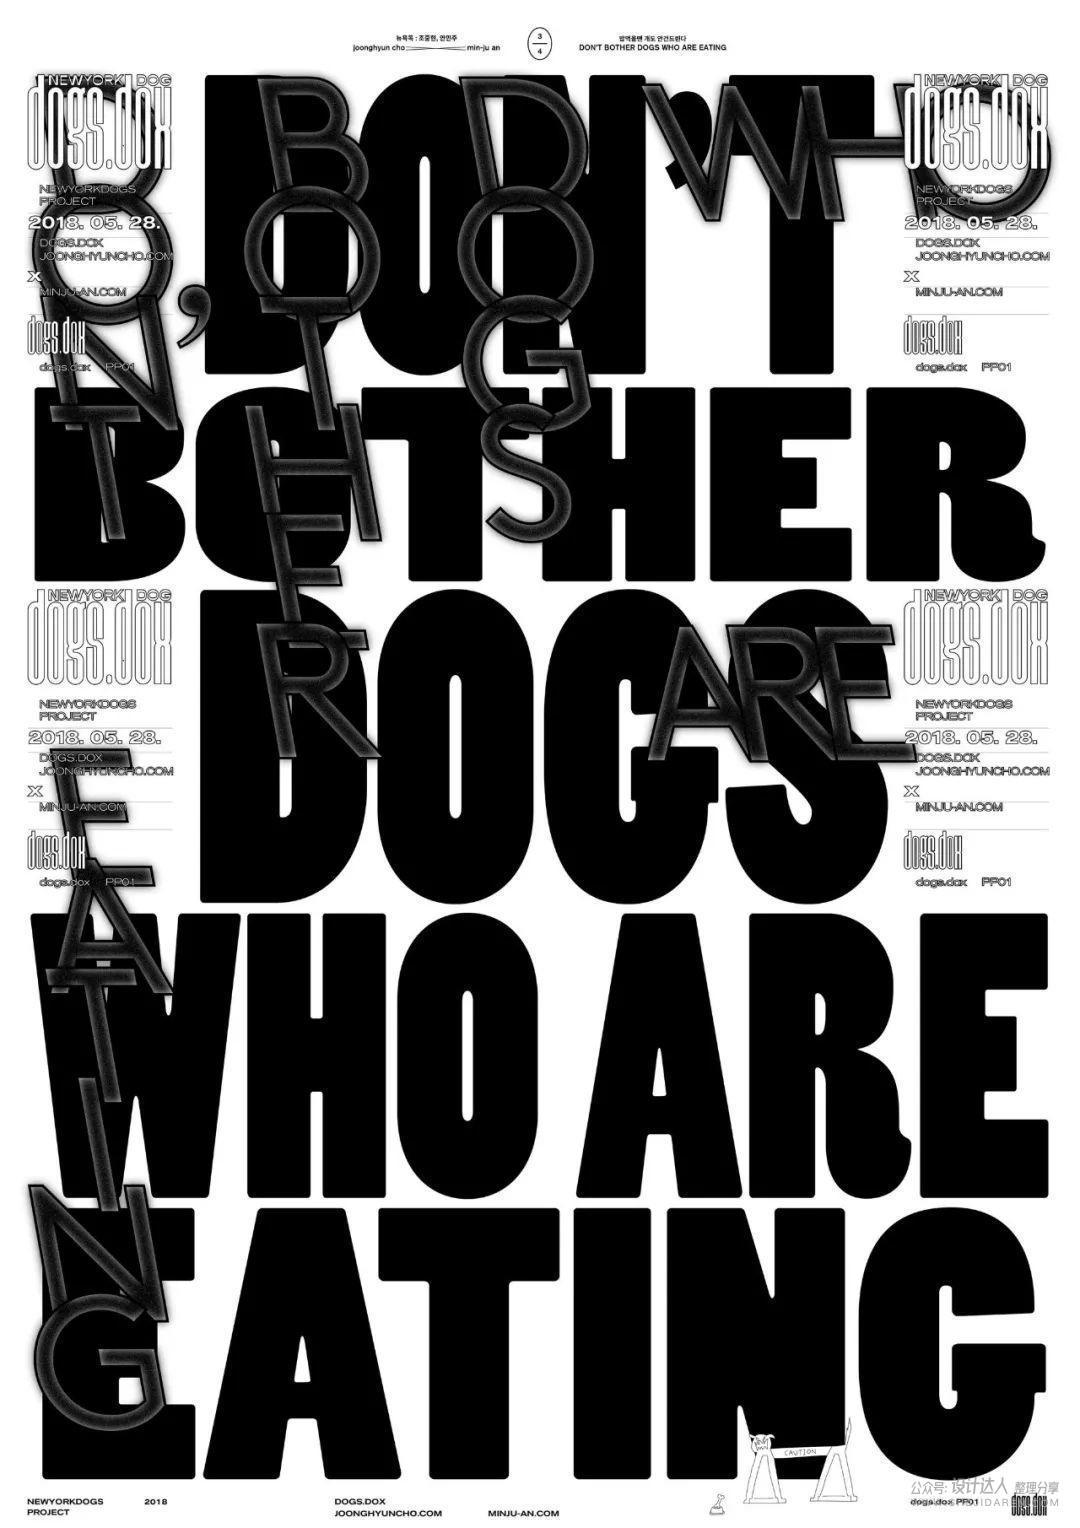 韩国小伙子做的海报设计,大胆又有创意